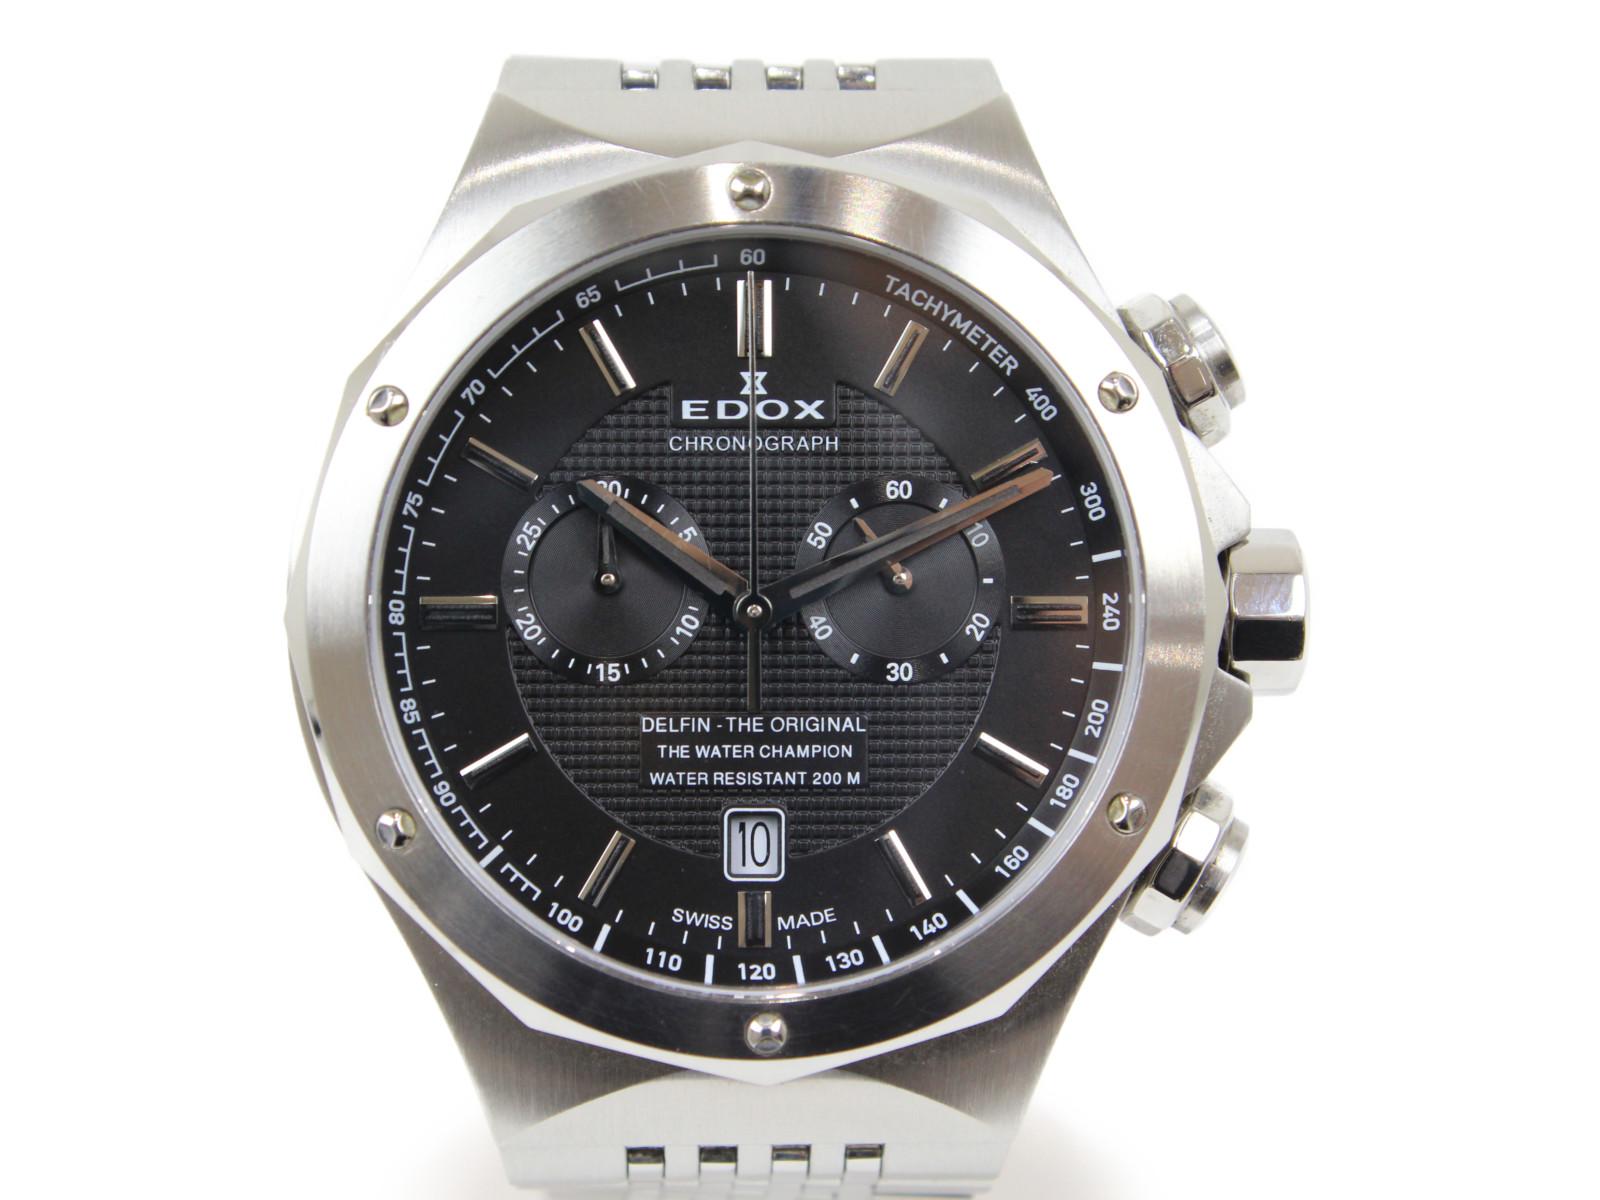 EDOX エドックス デルフィン クロノグラフ 10108-3-NIN クオーツ デイト SS ステンレススチール ブラック メンズ 腕時計【中古】